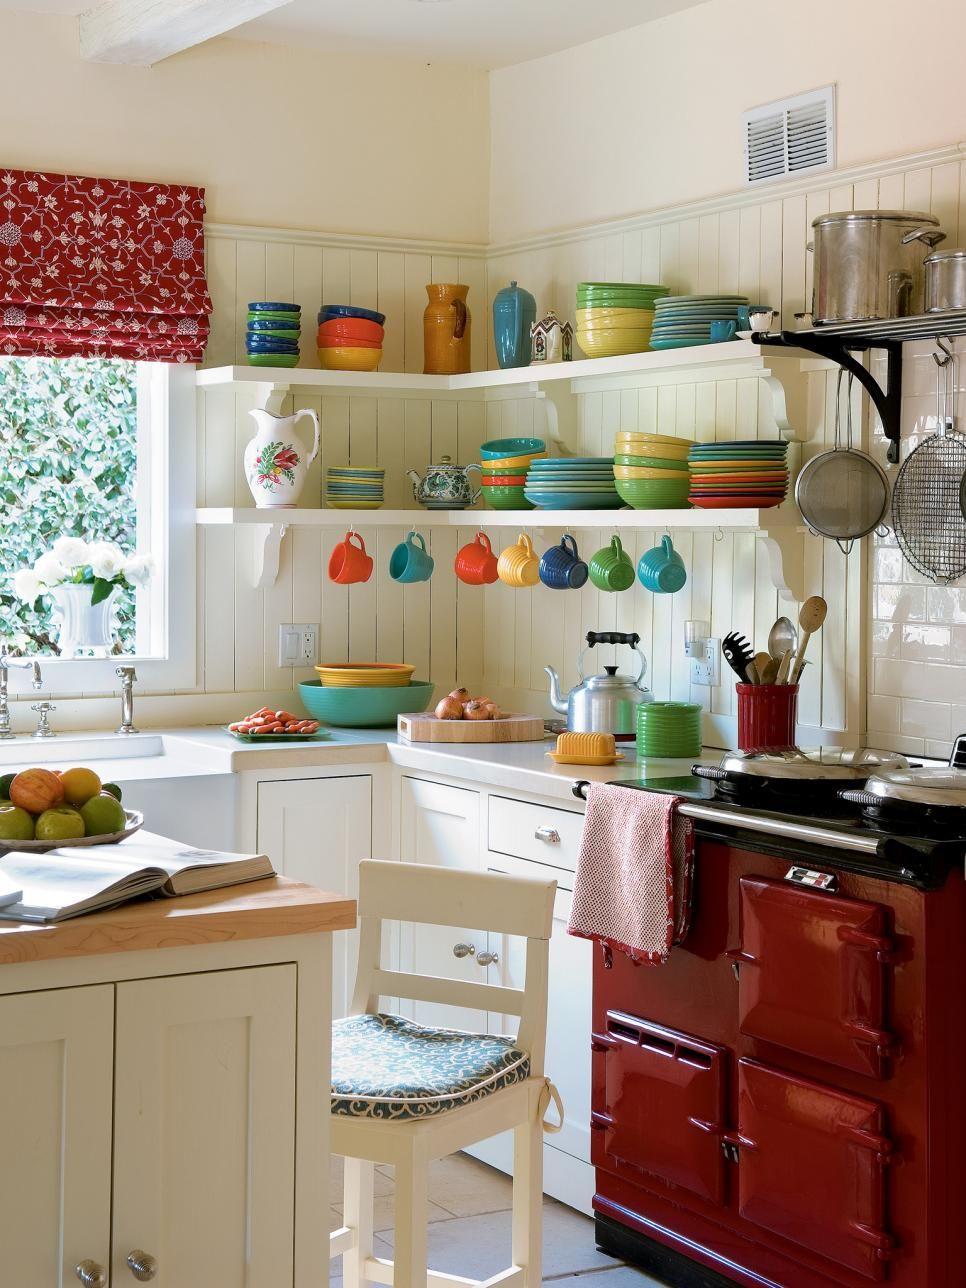 Full Size of Küchentapeten Beste Kleine Kche Design Lsungen Renovieren Wohnzimmer Küchentapeten